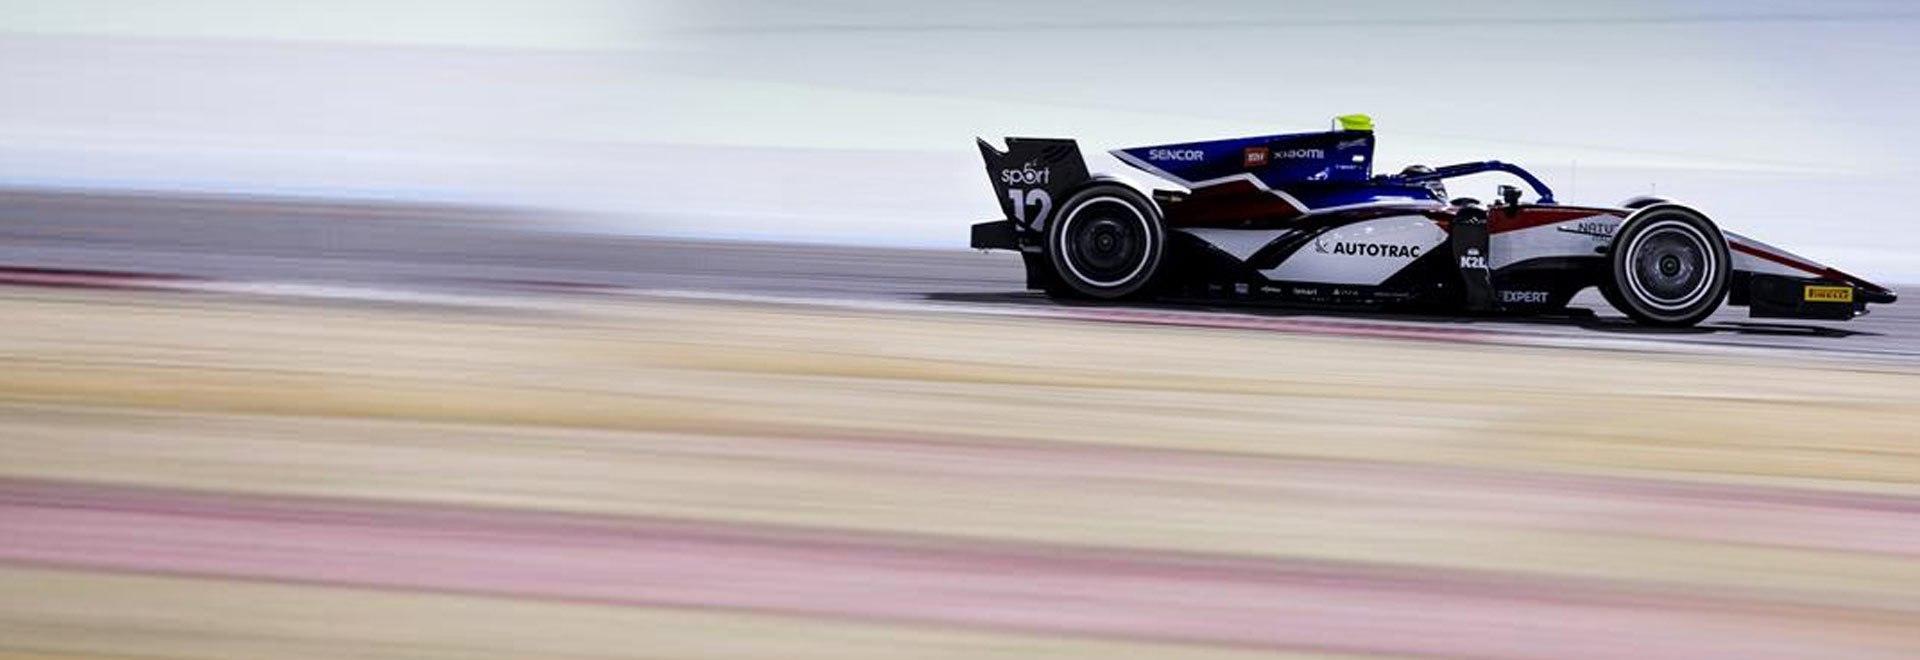 GP Gran Bretagna. Qualifiche